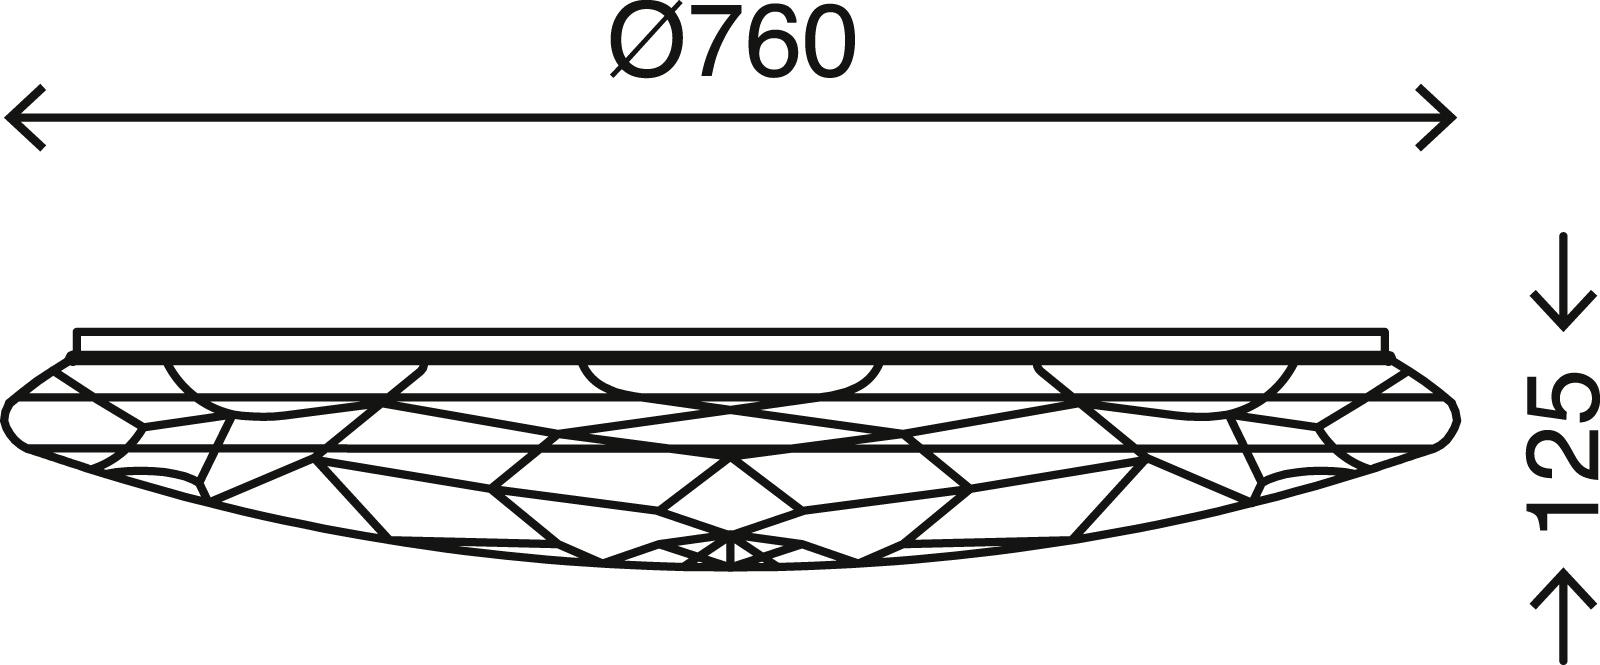 CCT LED Deckenleuchte, Ø 76 cm, 80 W, Weiß